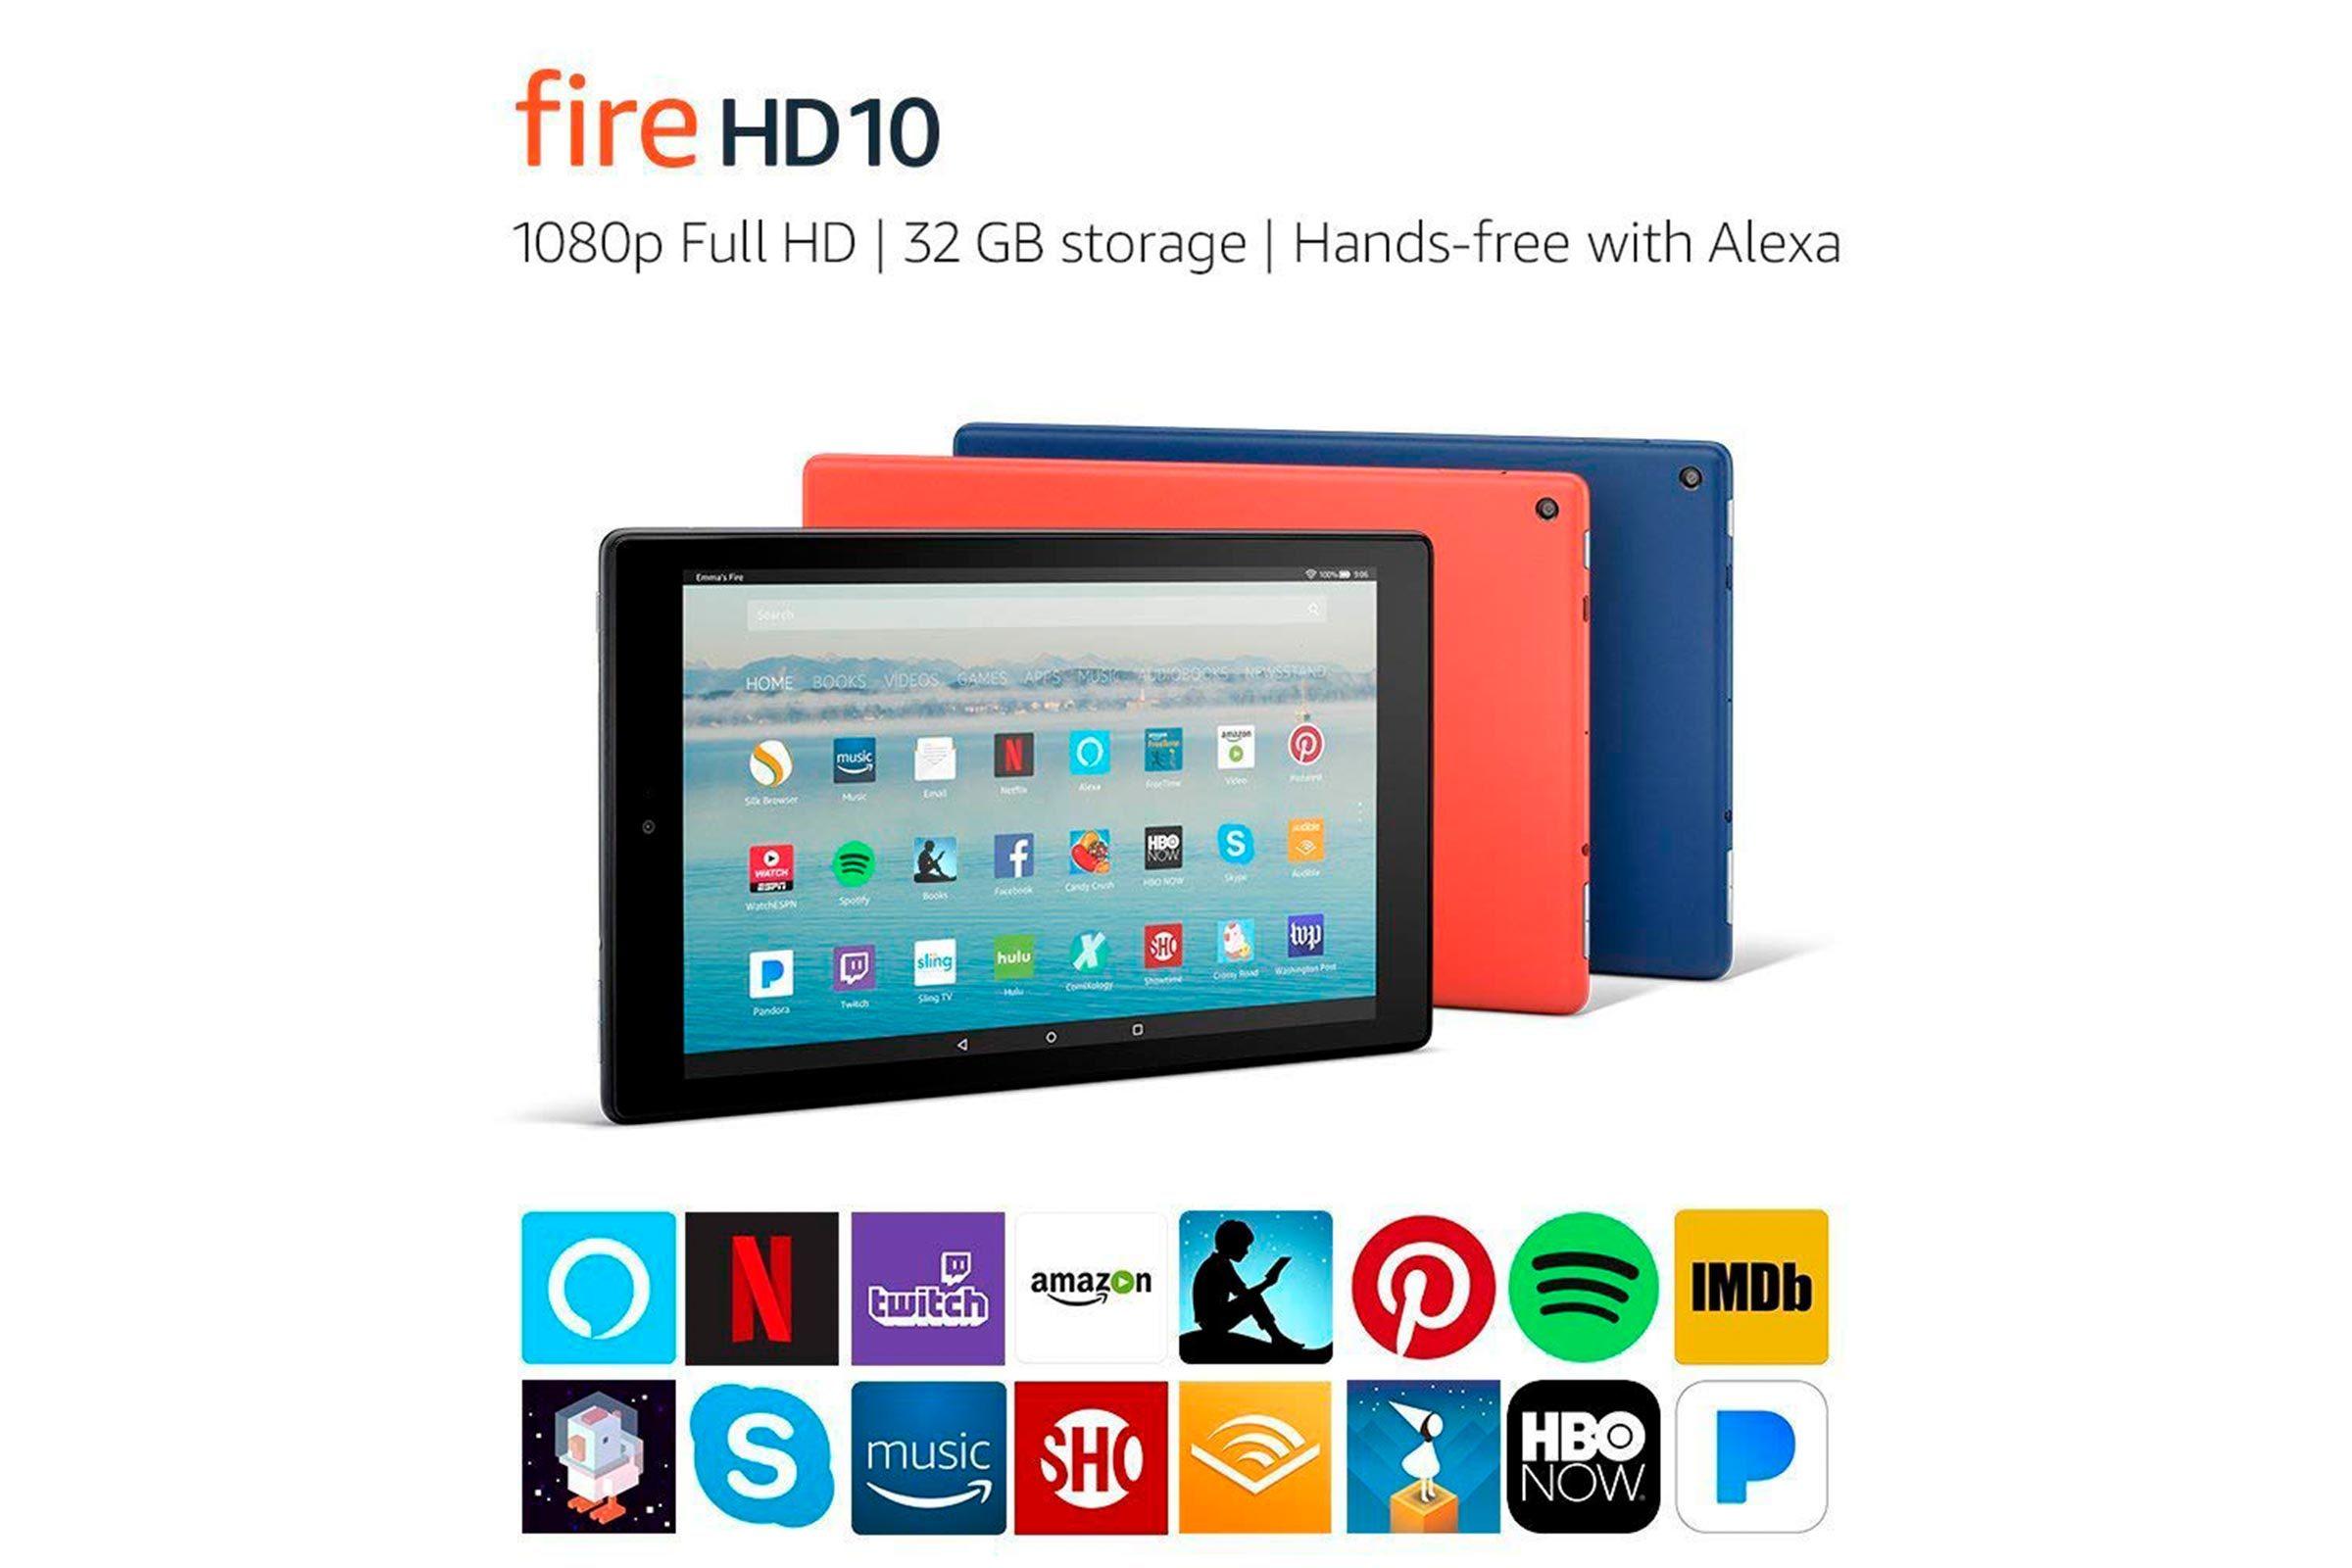 Fire HD Tablet